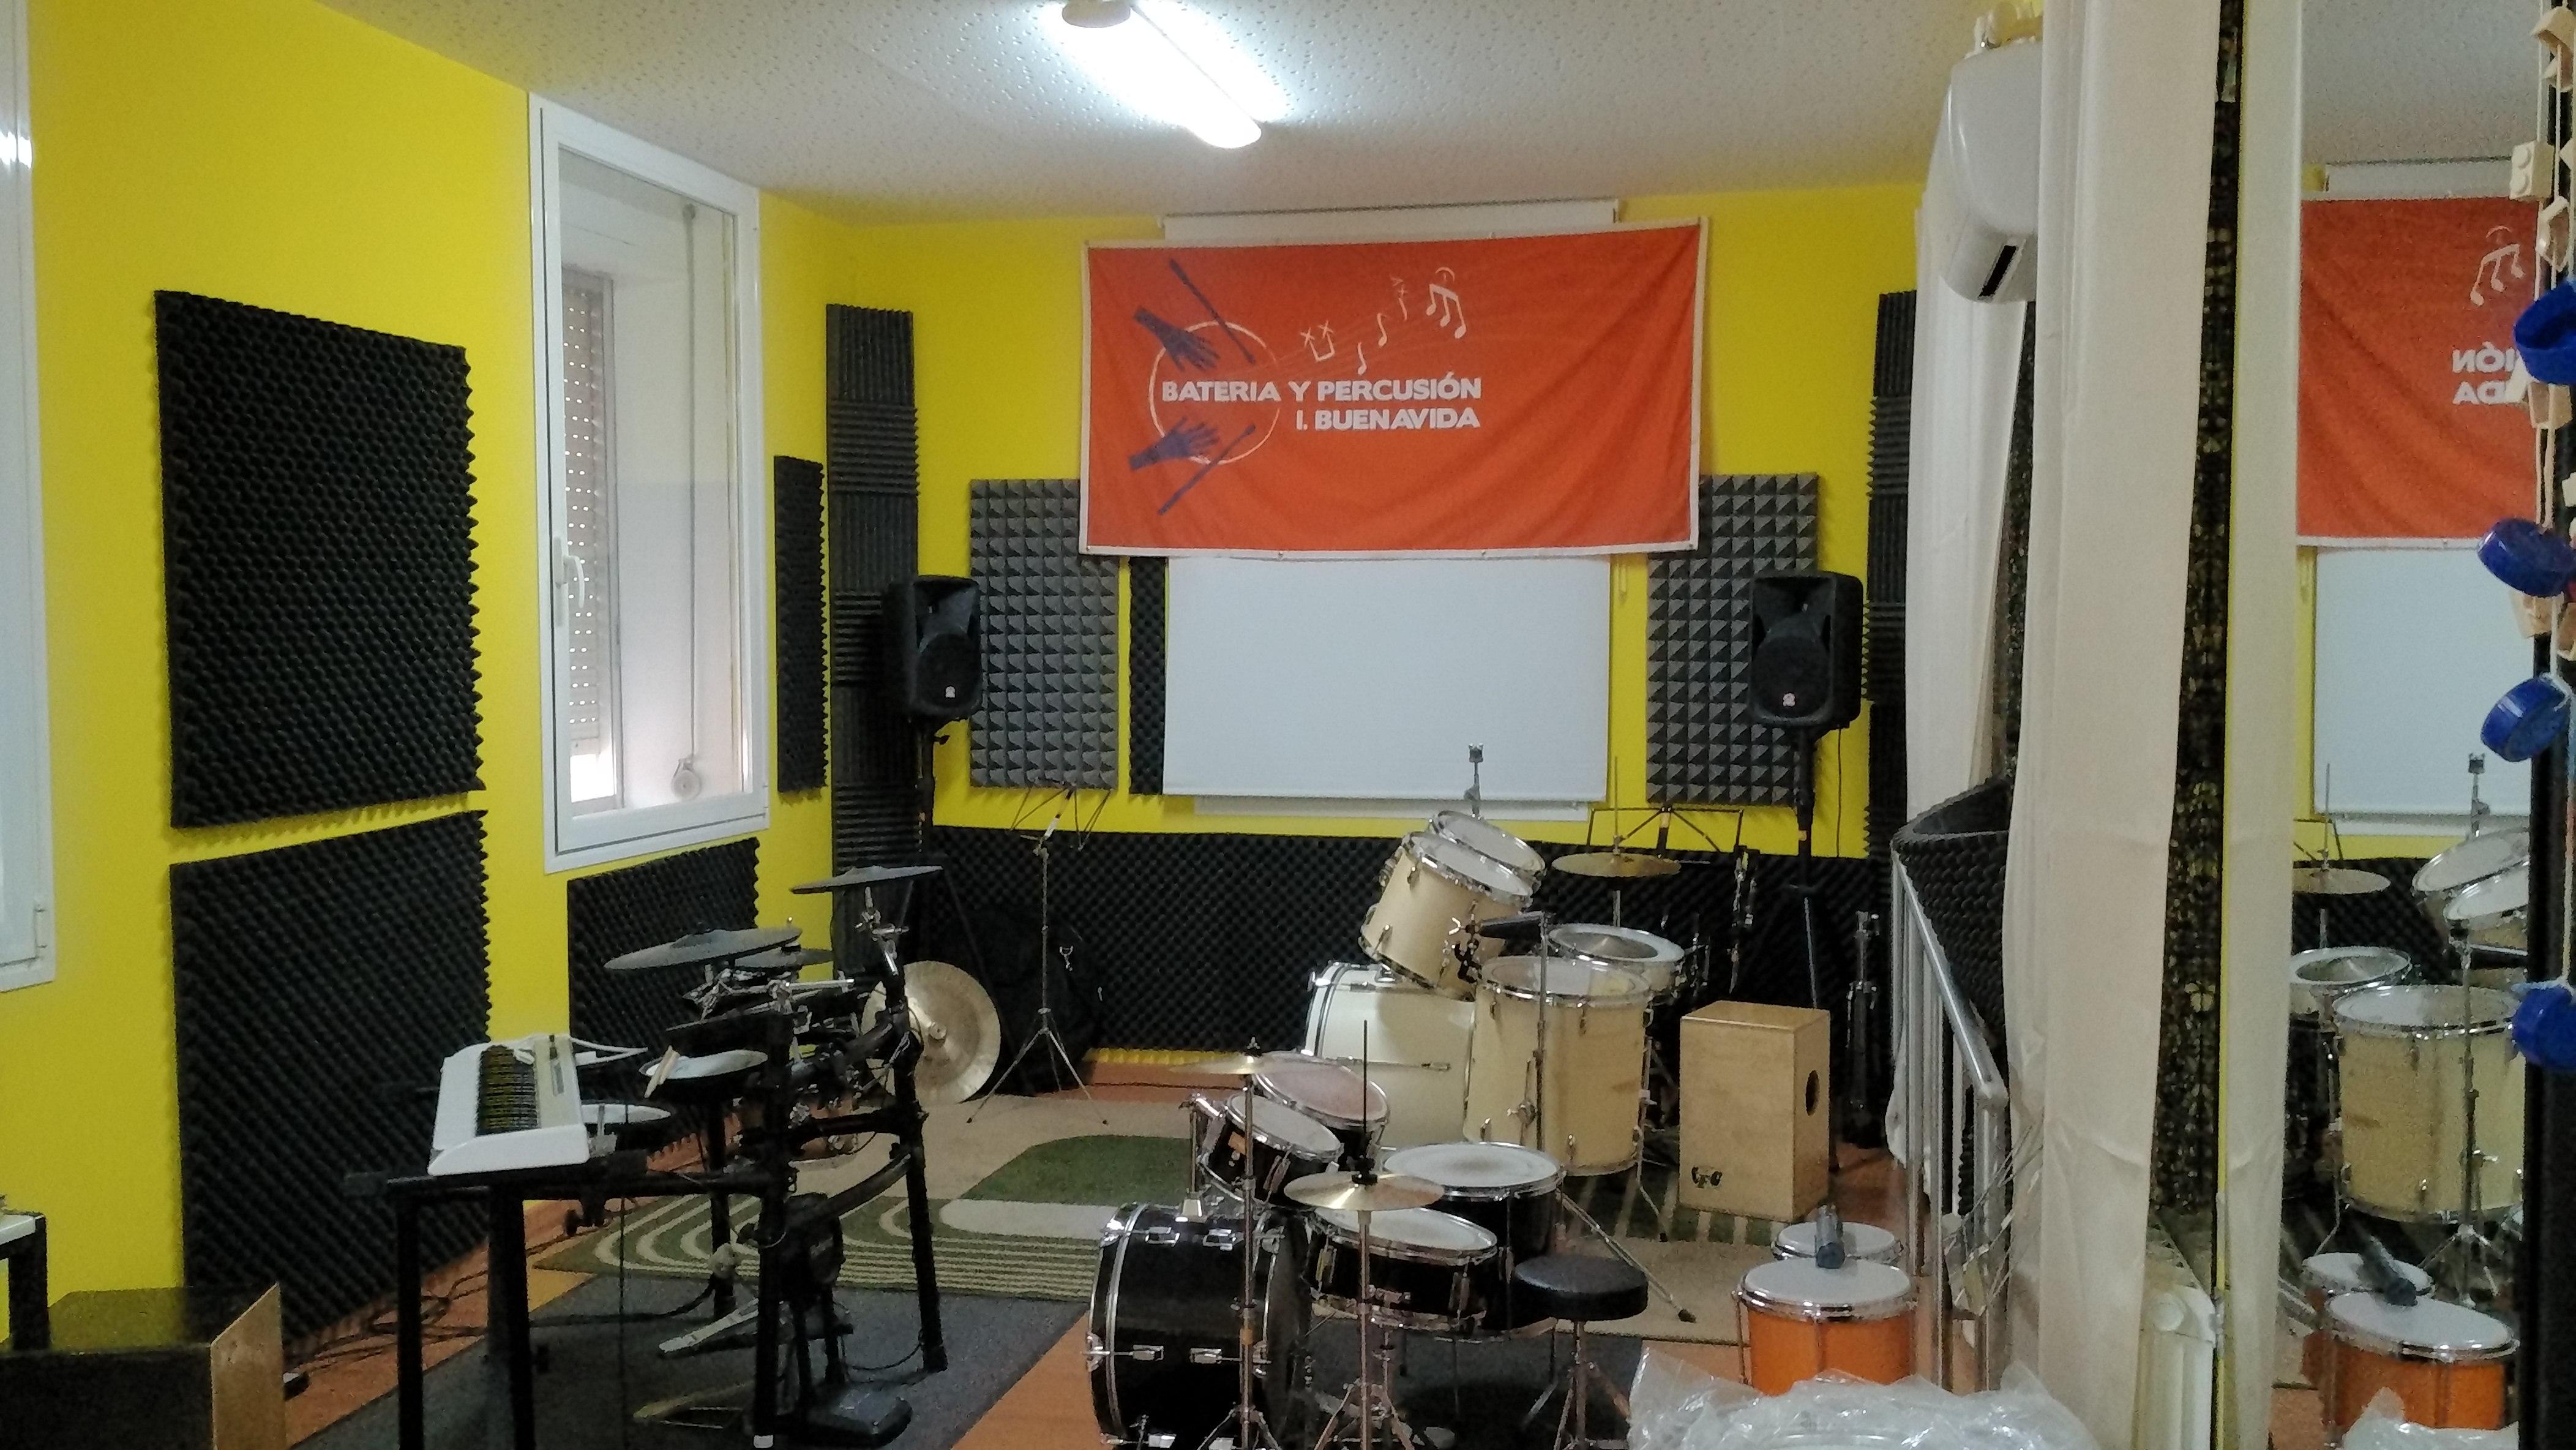 Locales insonorizados en Villalba en alquiler para ensayos musicales